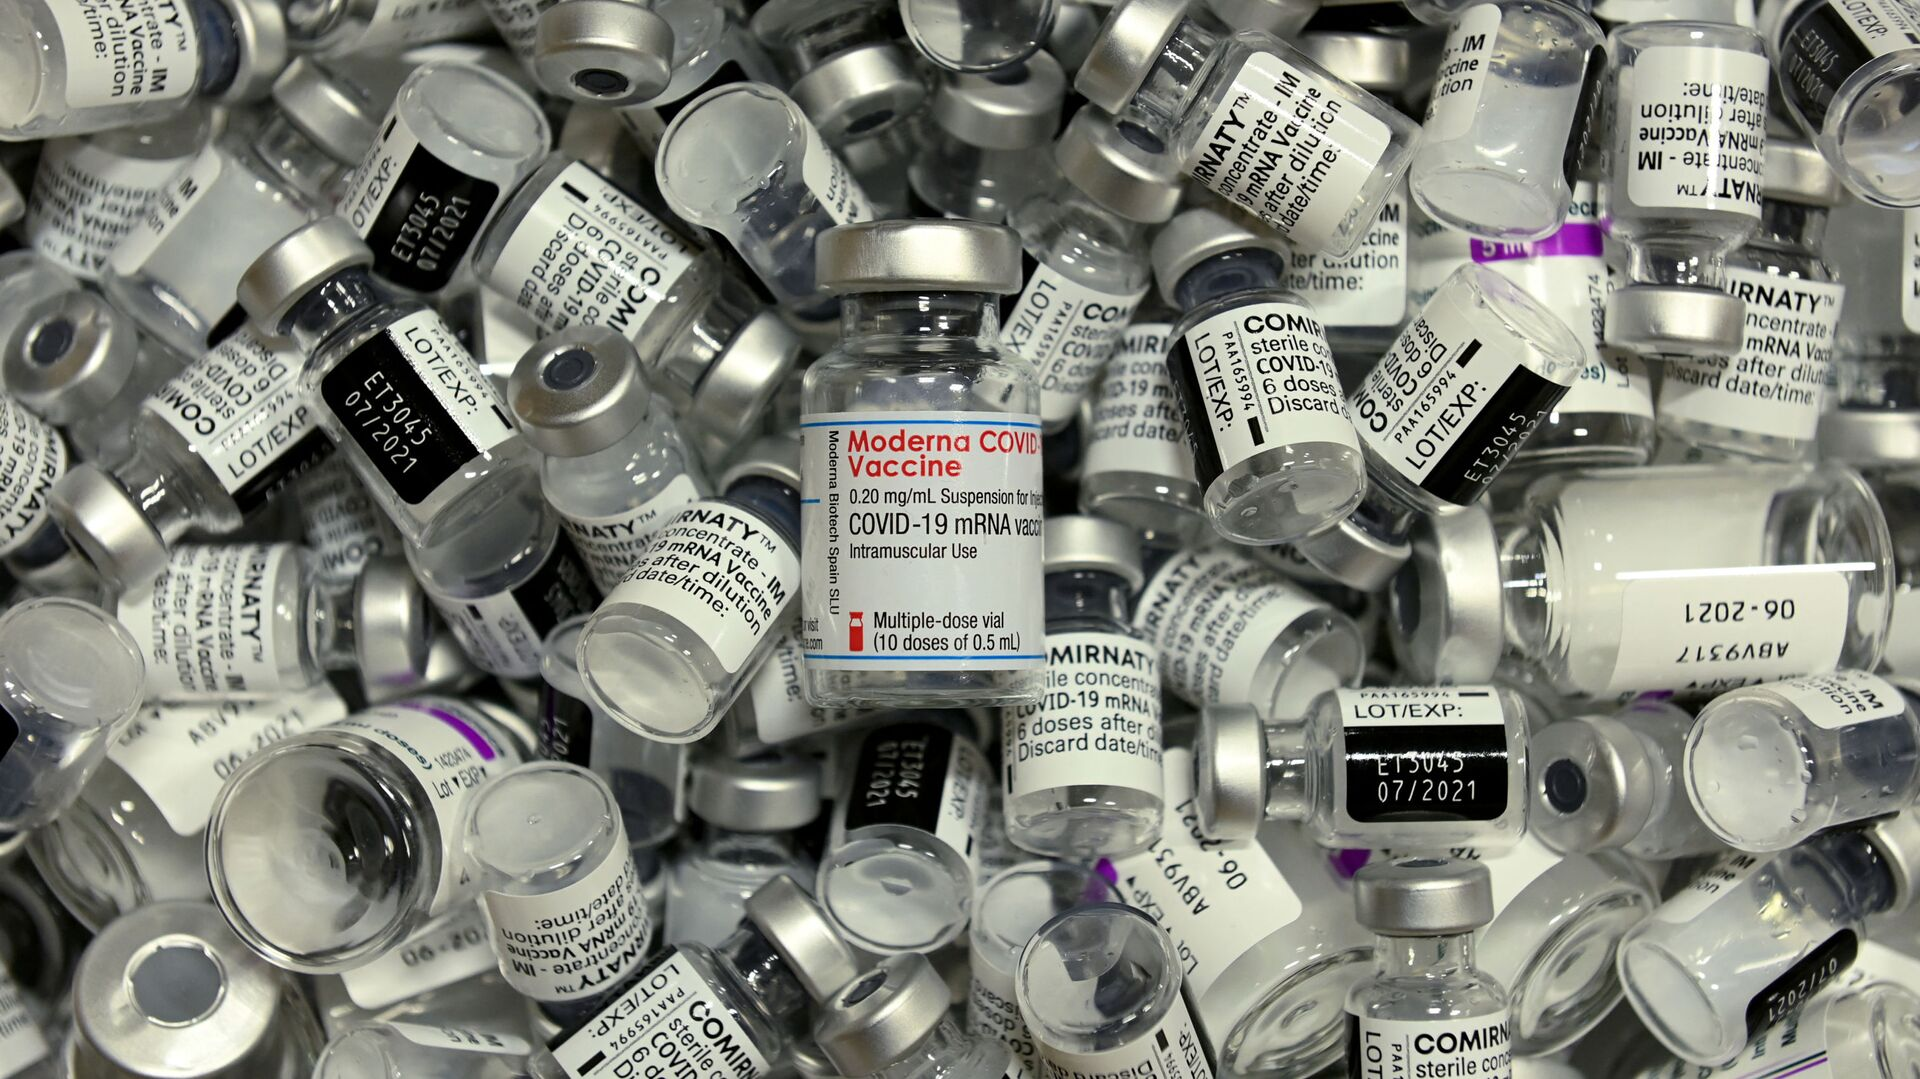 Пандемия коронавируса - вакцины Pfizer, Moderna и AstraZeneca - Sputnik Грузия, 1920, 05.09.2021